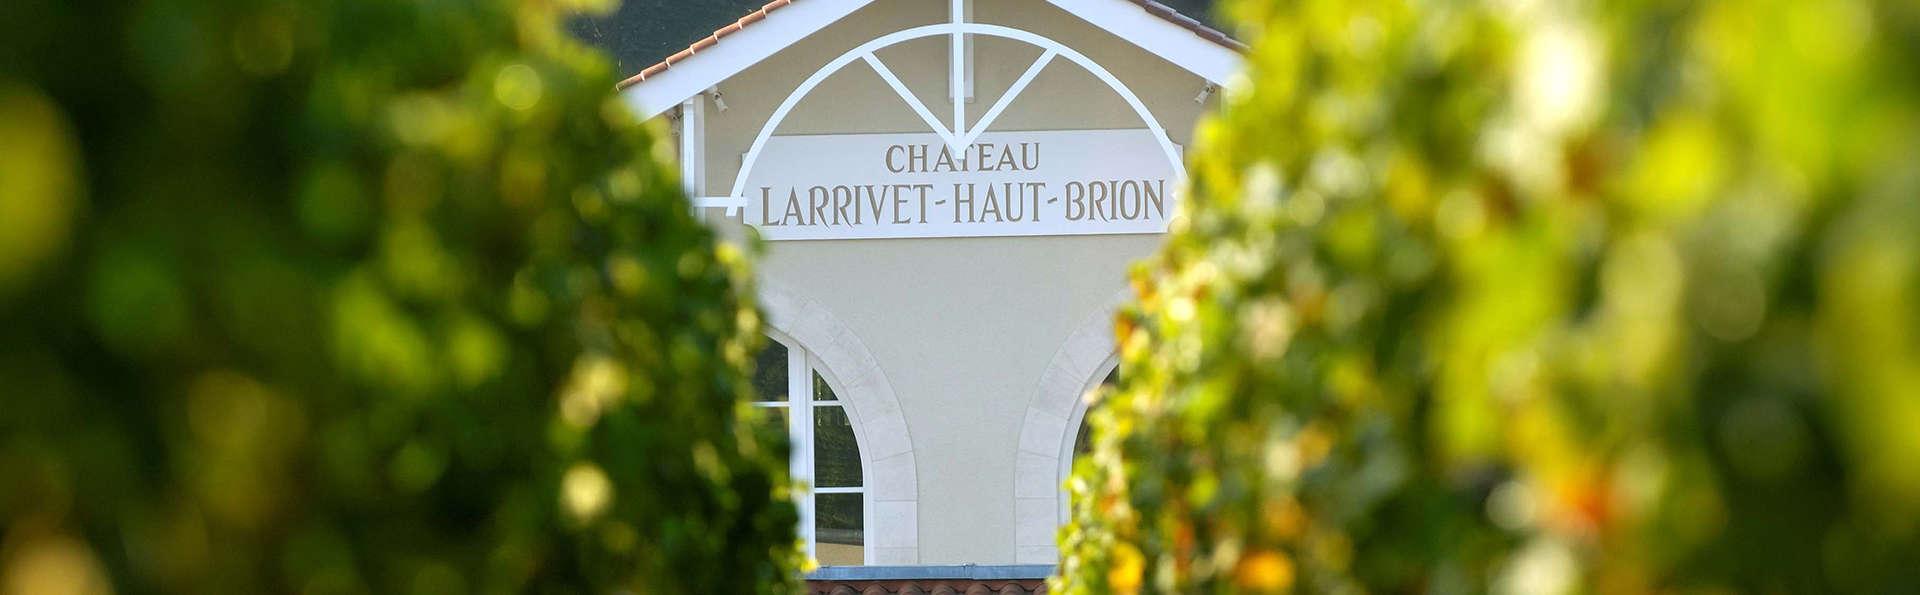 Week-end avec visite du Château Larrivet Haut-Brion près de Bordeaux